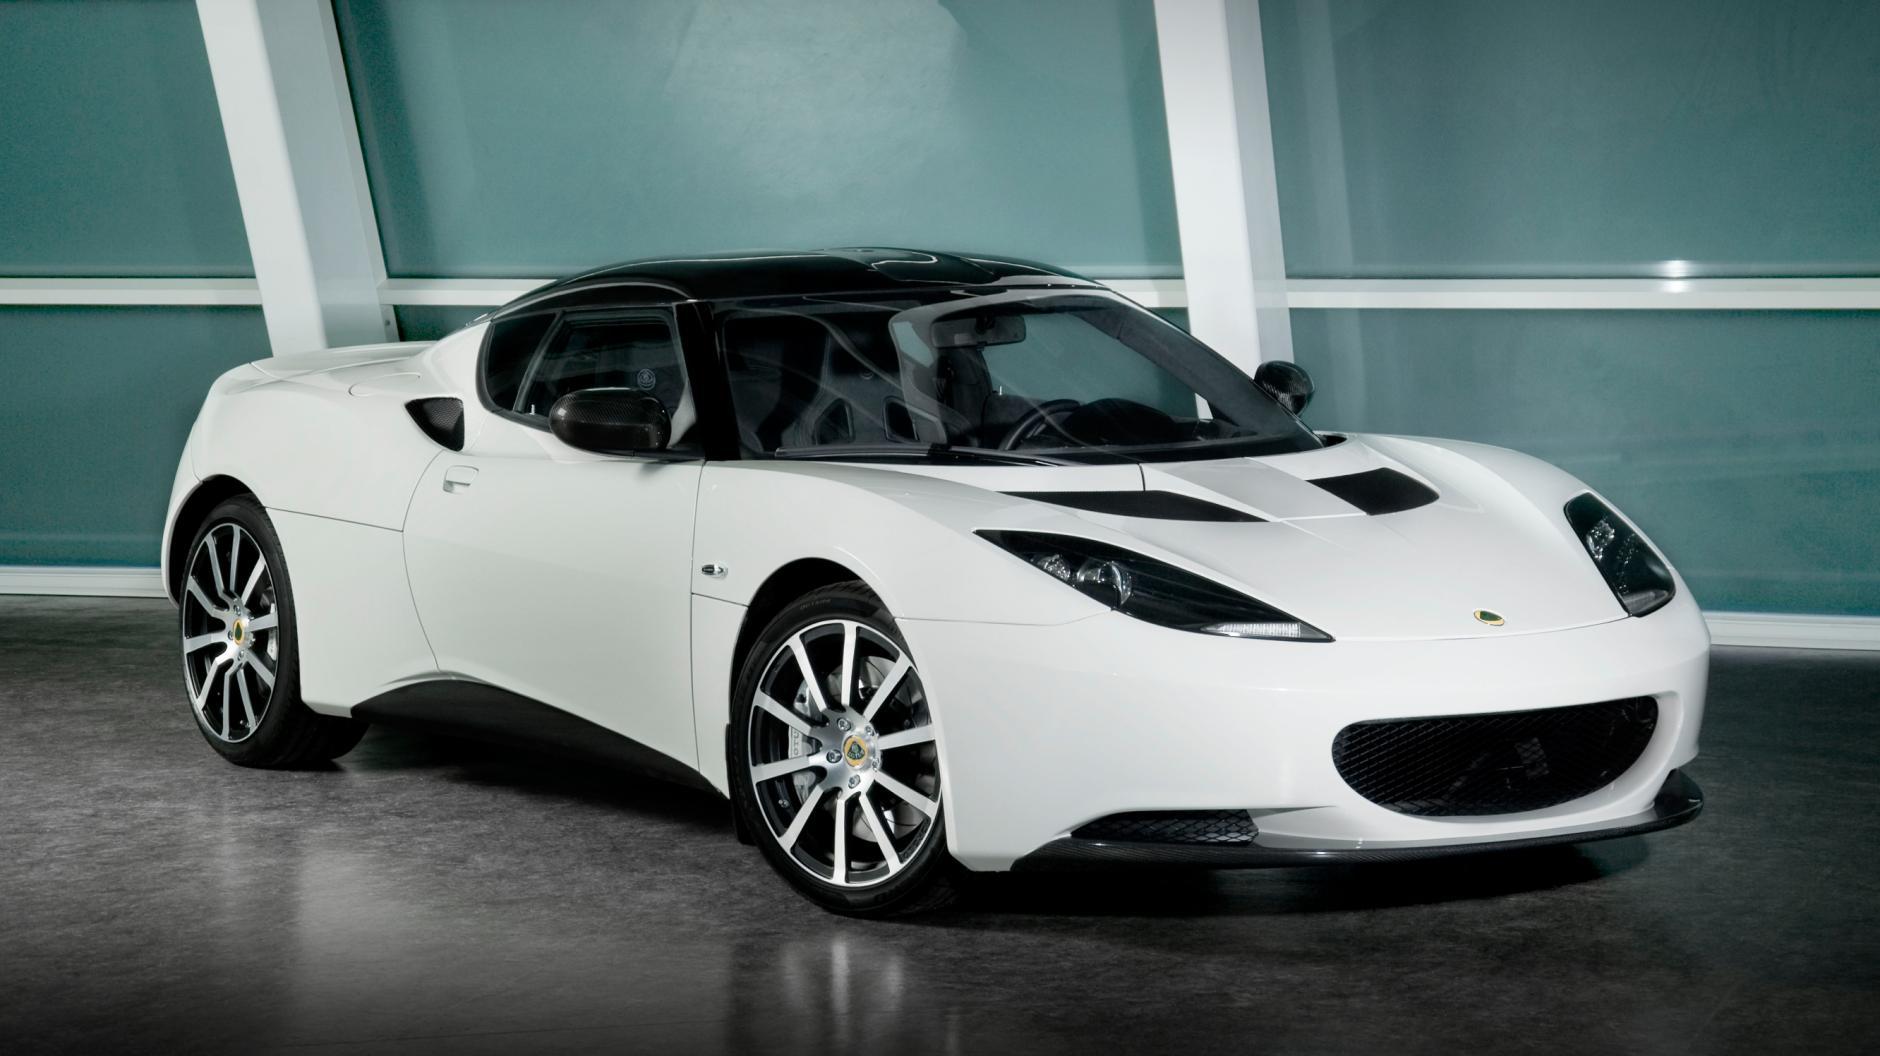 Цена Lotus Evora колеблется от 45 000£ до чуть более 50 000£